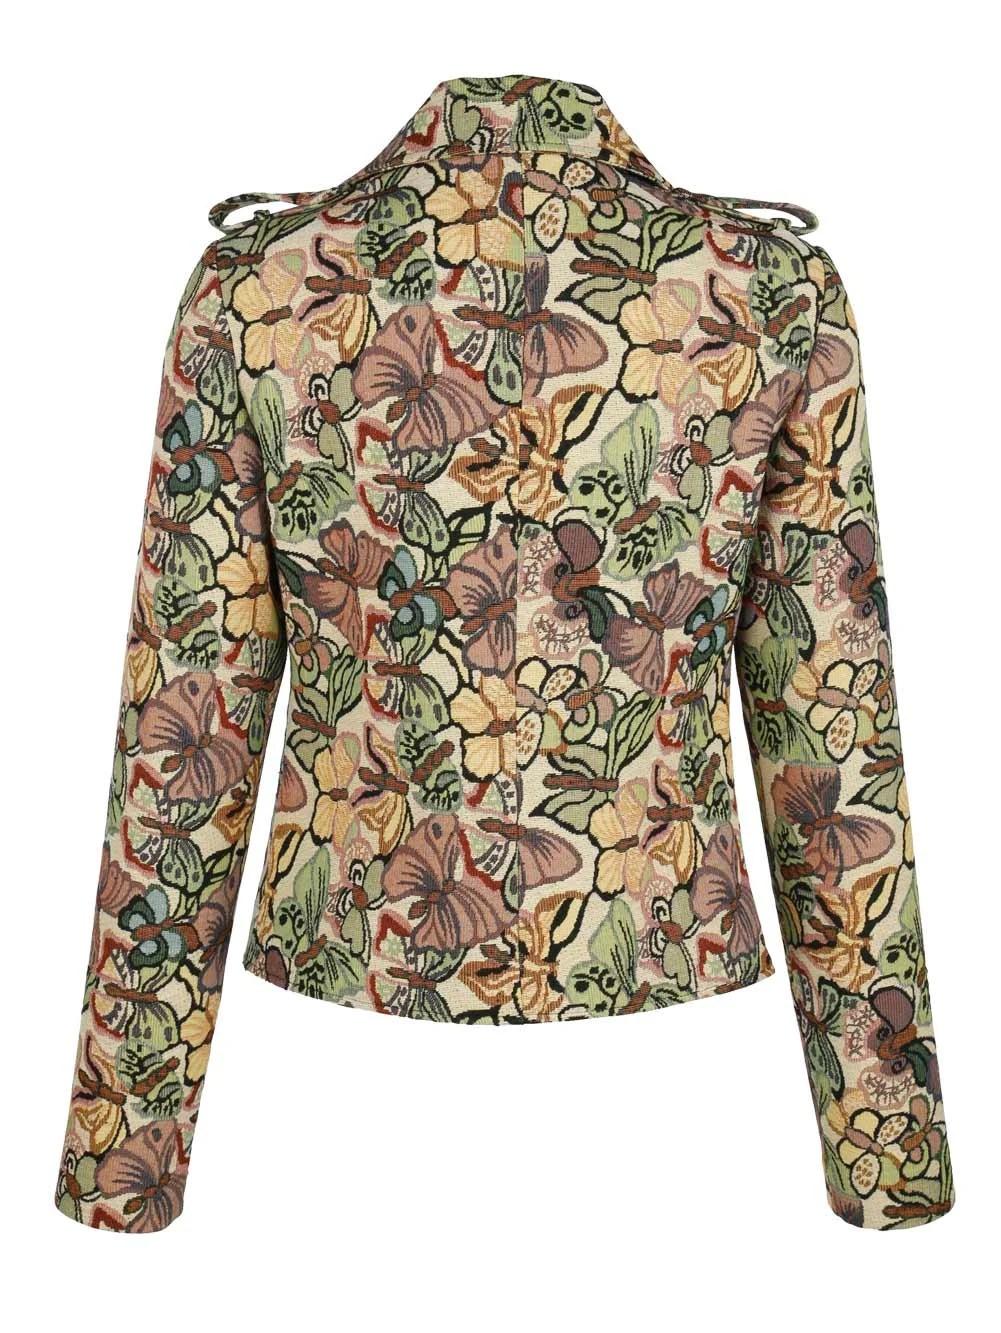 762.717 ALBA MODA Damen Designer-Jacquard-Bikerjacke Blazer Muster Schmetterling Bunt